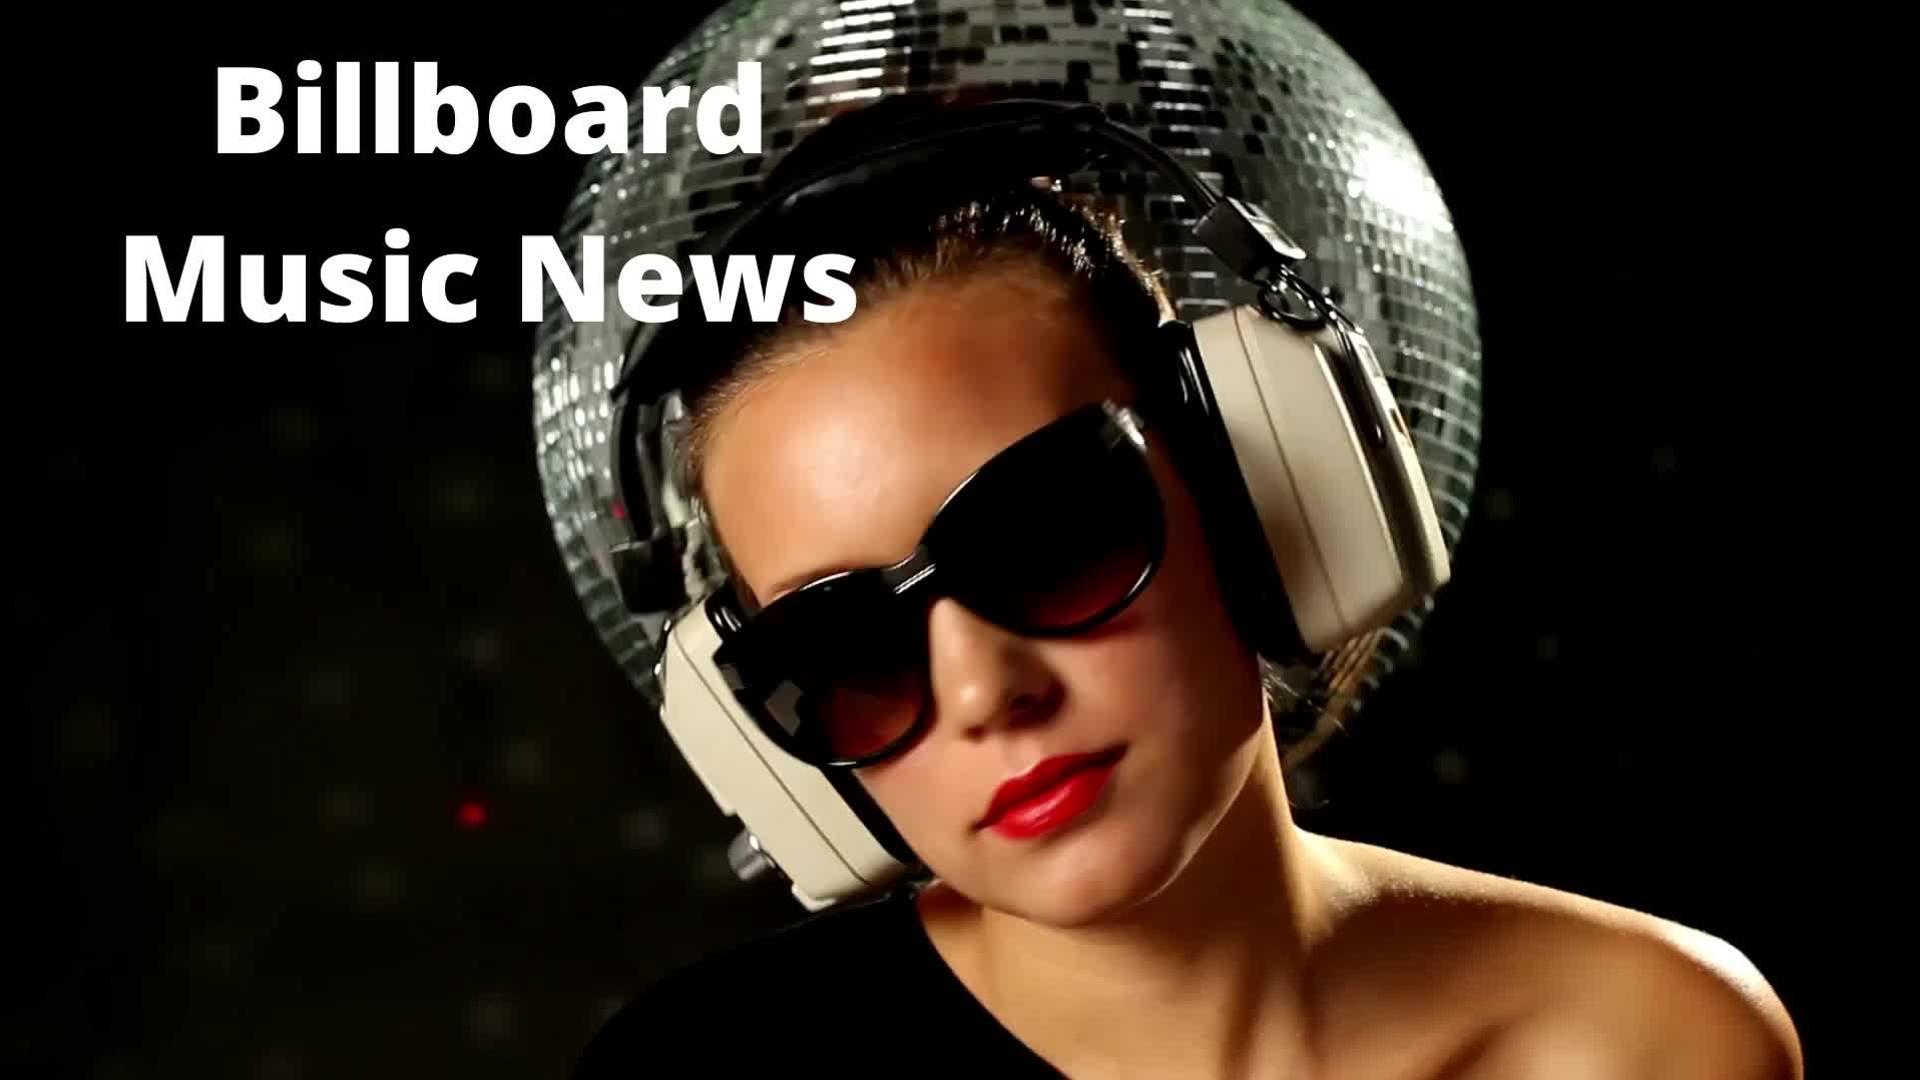 Billboard Music News